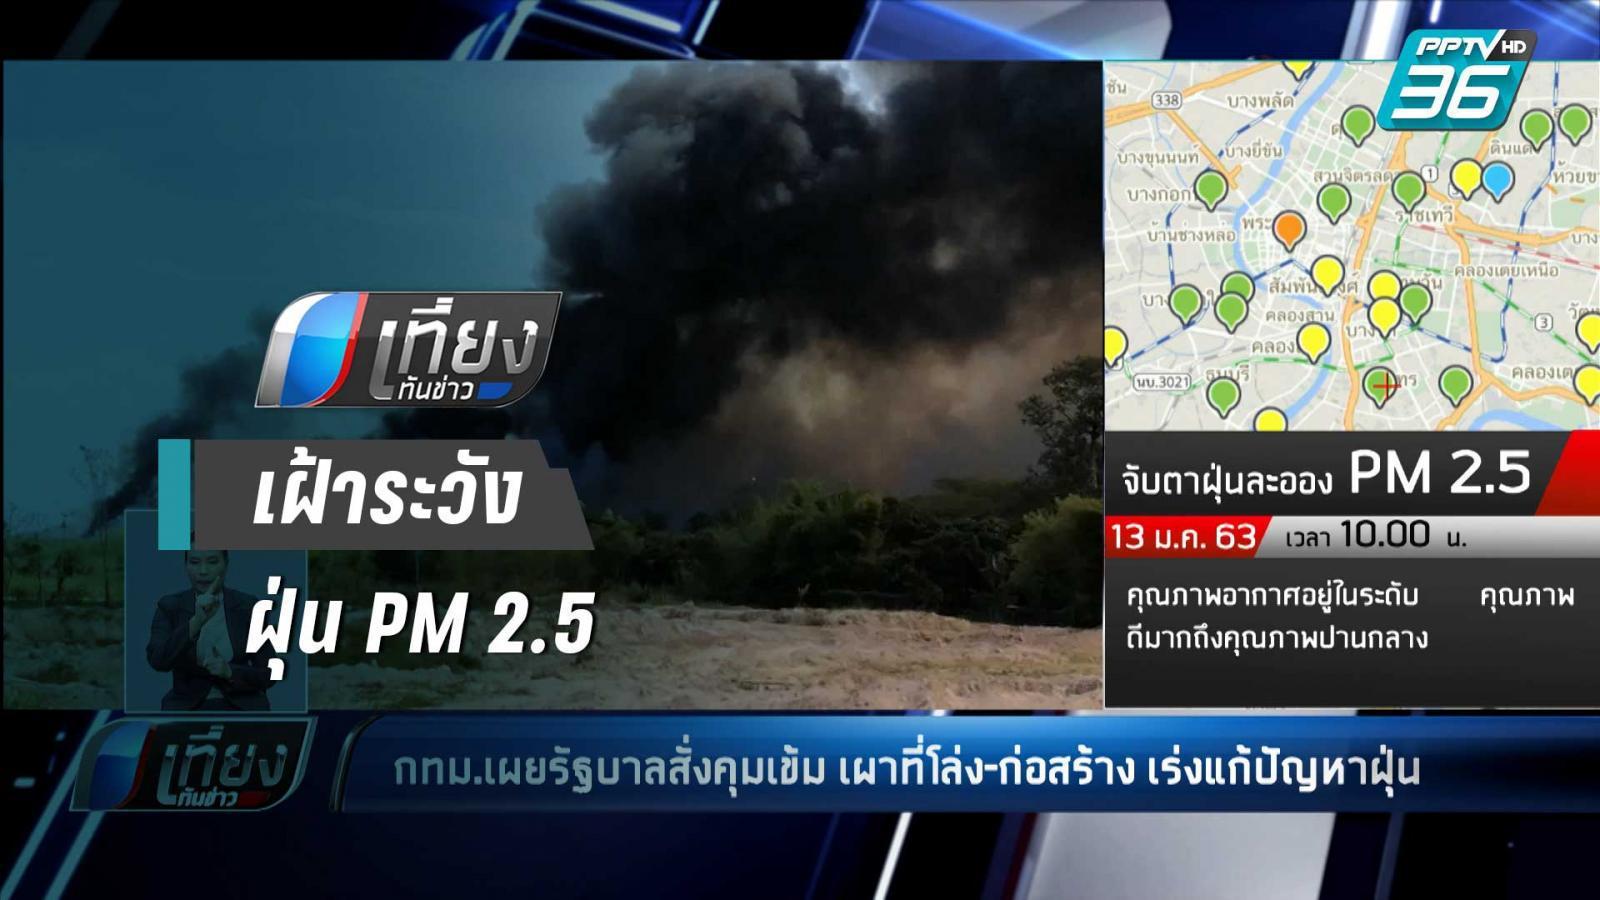 กทม.เผย รบ.สั่งคุมเข้ม เผาที่โล่ง-ควบคุมก่อสร้าง แก้ PM2.5